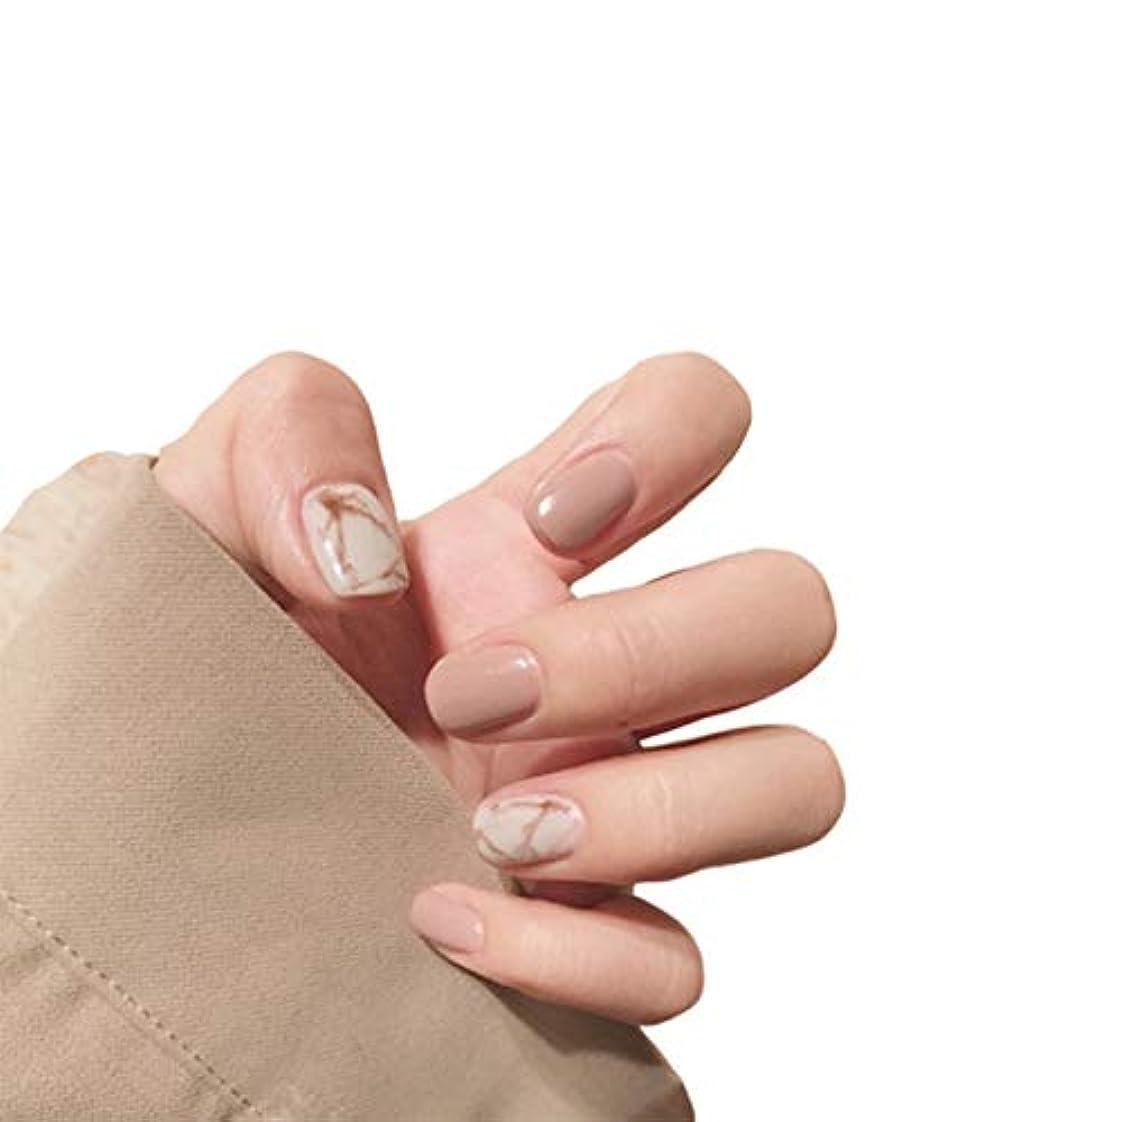 普遍的な哲学者主導権VALEN Nail Patch ネイルチップ 手作りネイルチップ ネイルジュエリー つけ爪 24枚入 フルチップ シンプル 結婚式、パーティー、二次会などに ネイルアート